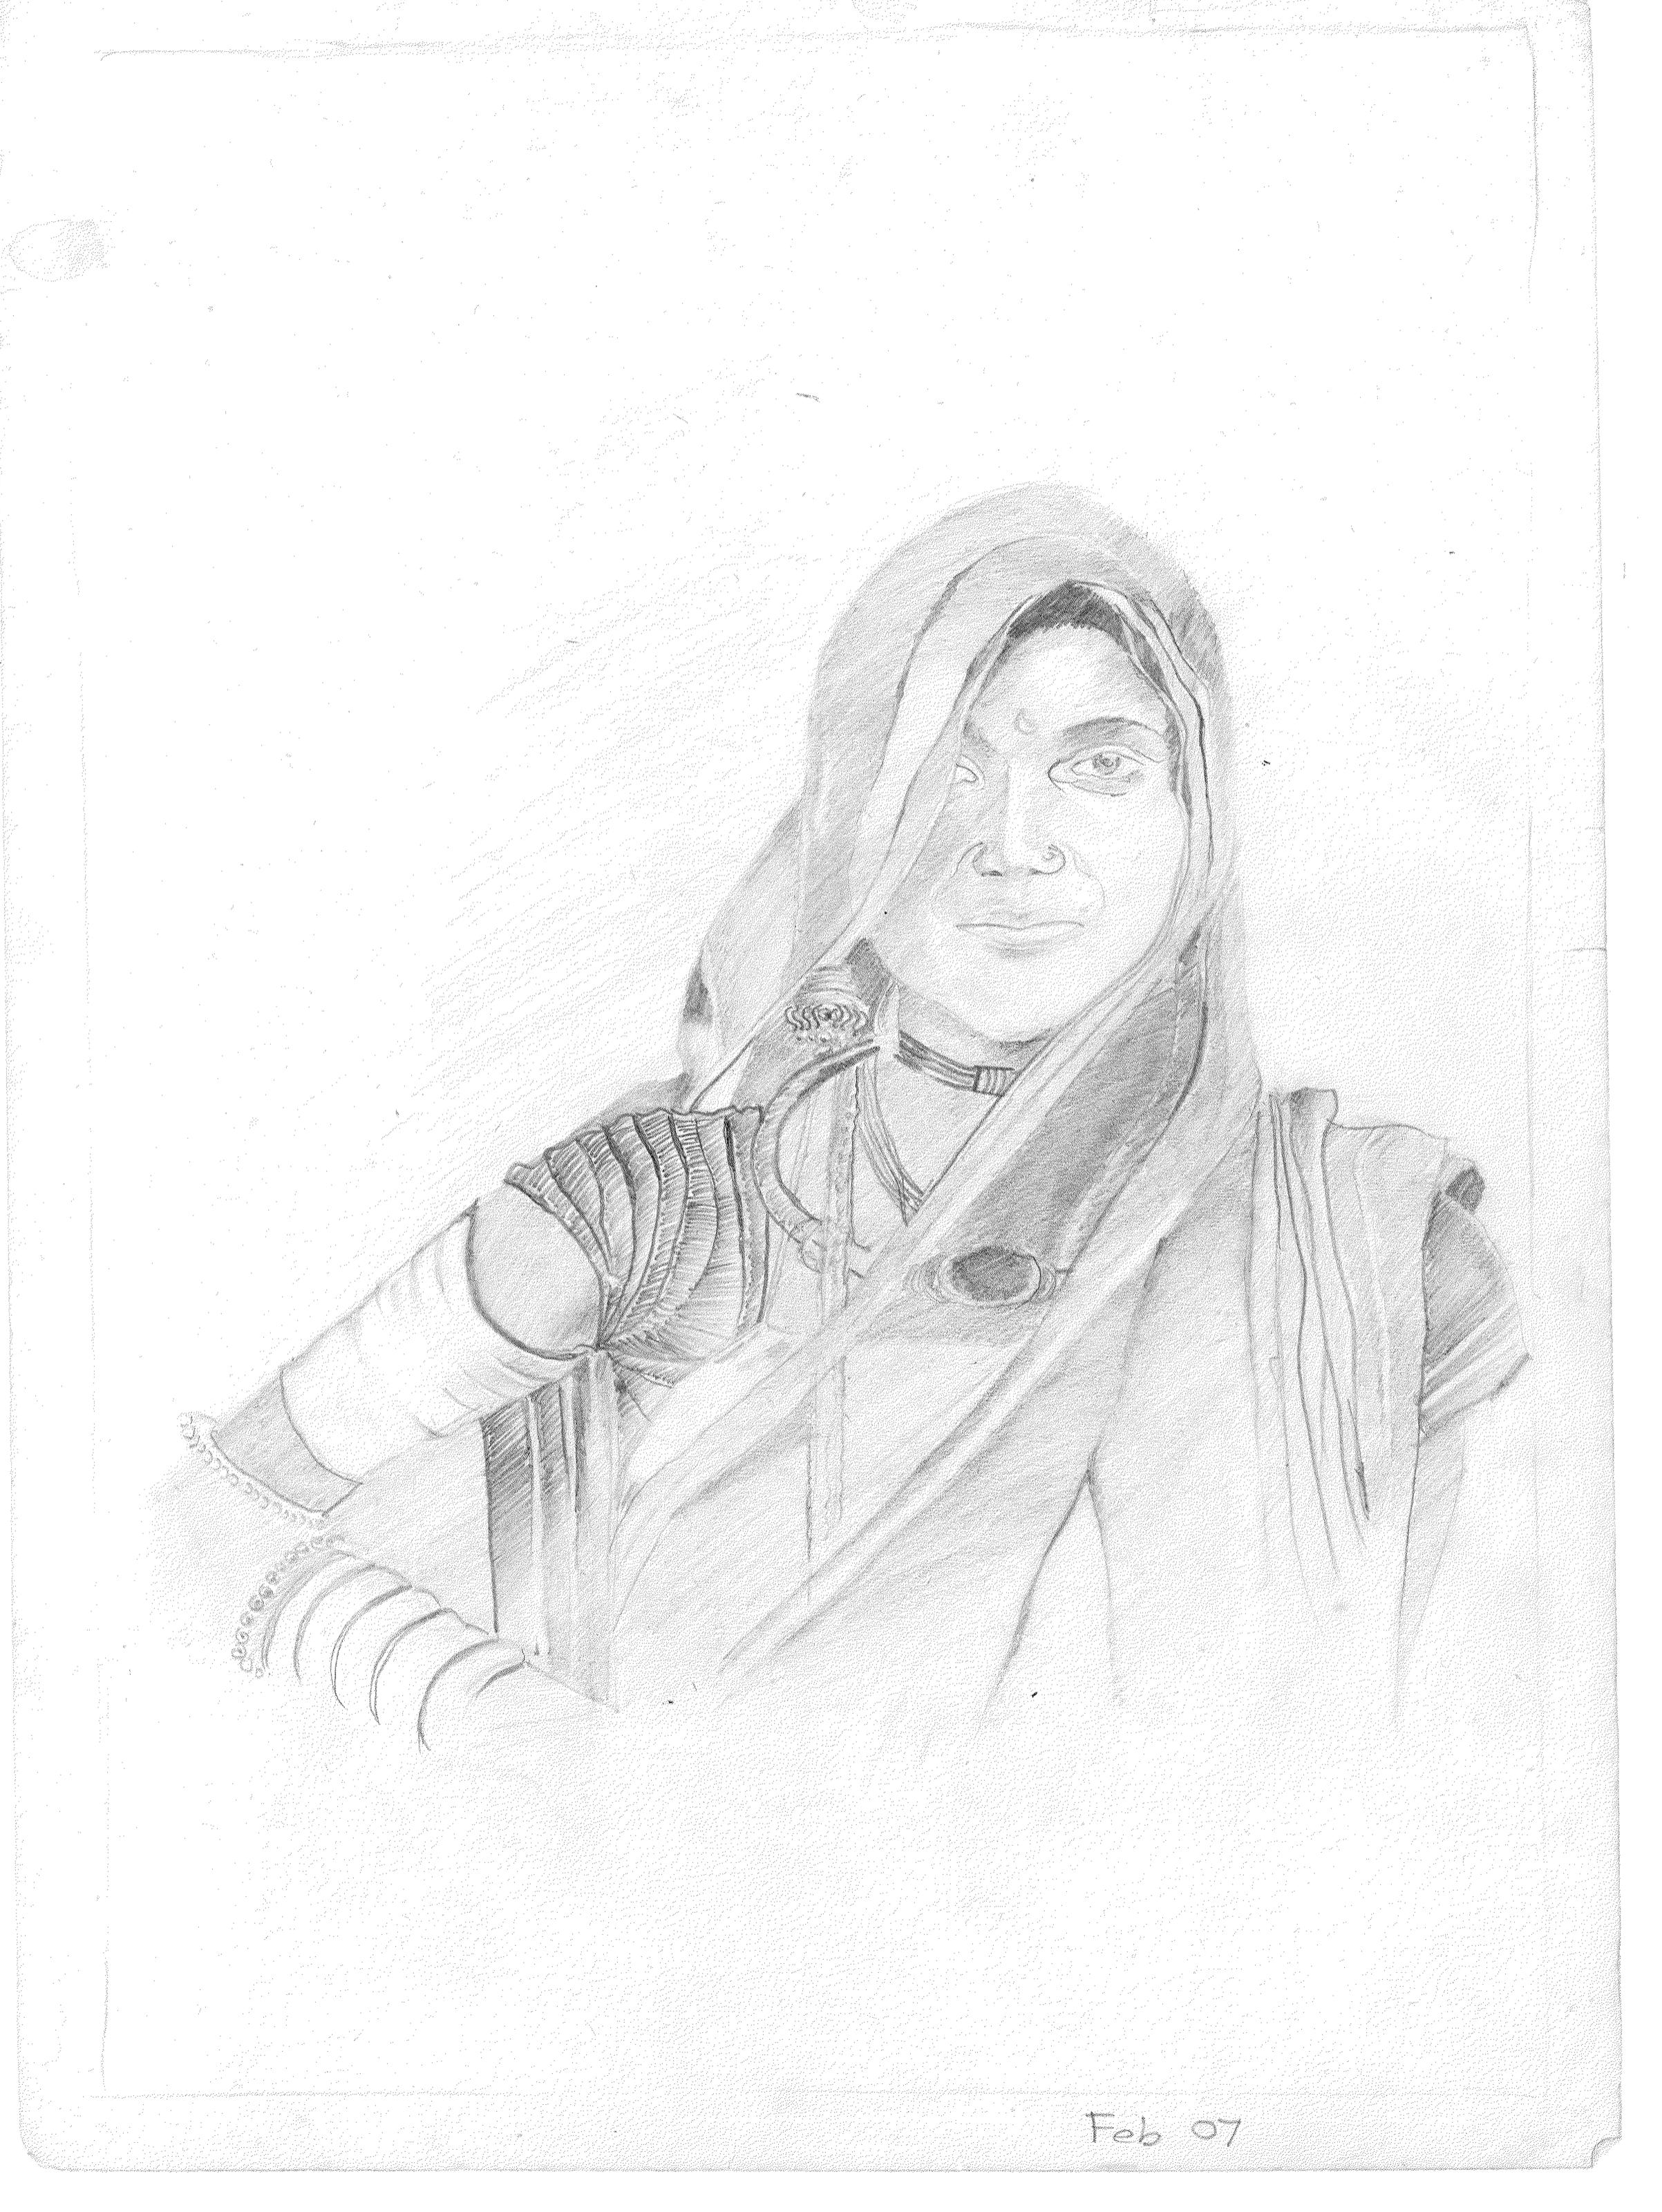 Sketch 3, Feb 2007